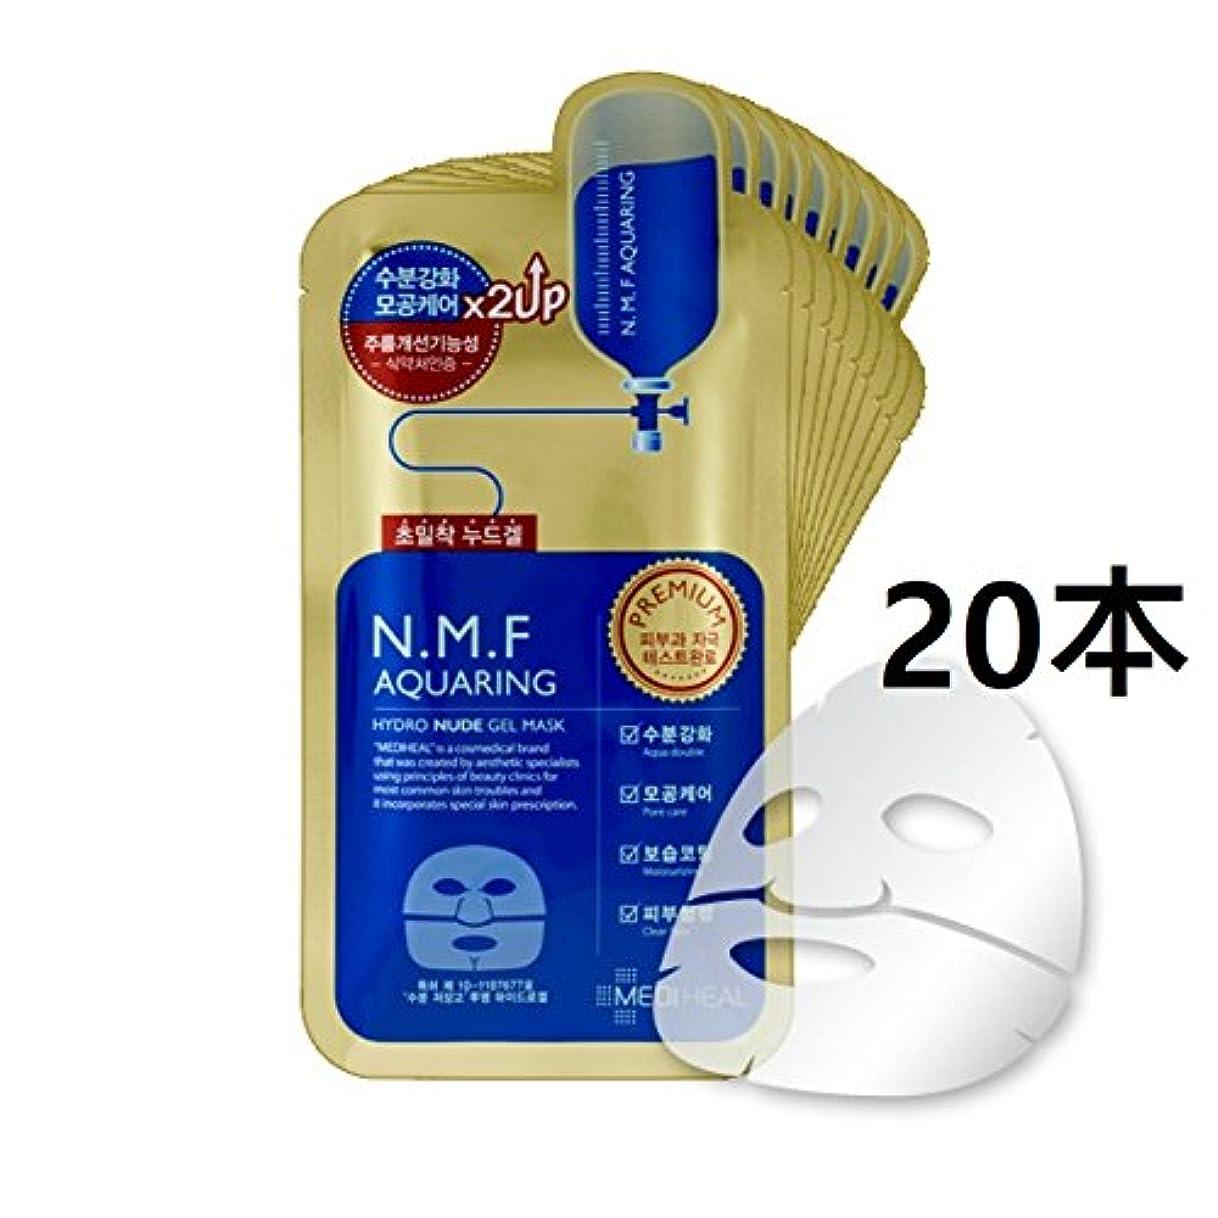 放課後カレンダーモジュール(10本+10本) MEDIHEAL メディヒール NMF アクアリング ヌード ゲルマスク (20枚) [Mediheal premium NMF AQUARING Hydro Nude Gel 10ea + 10ea ] [並行輸入品]